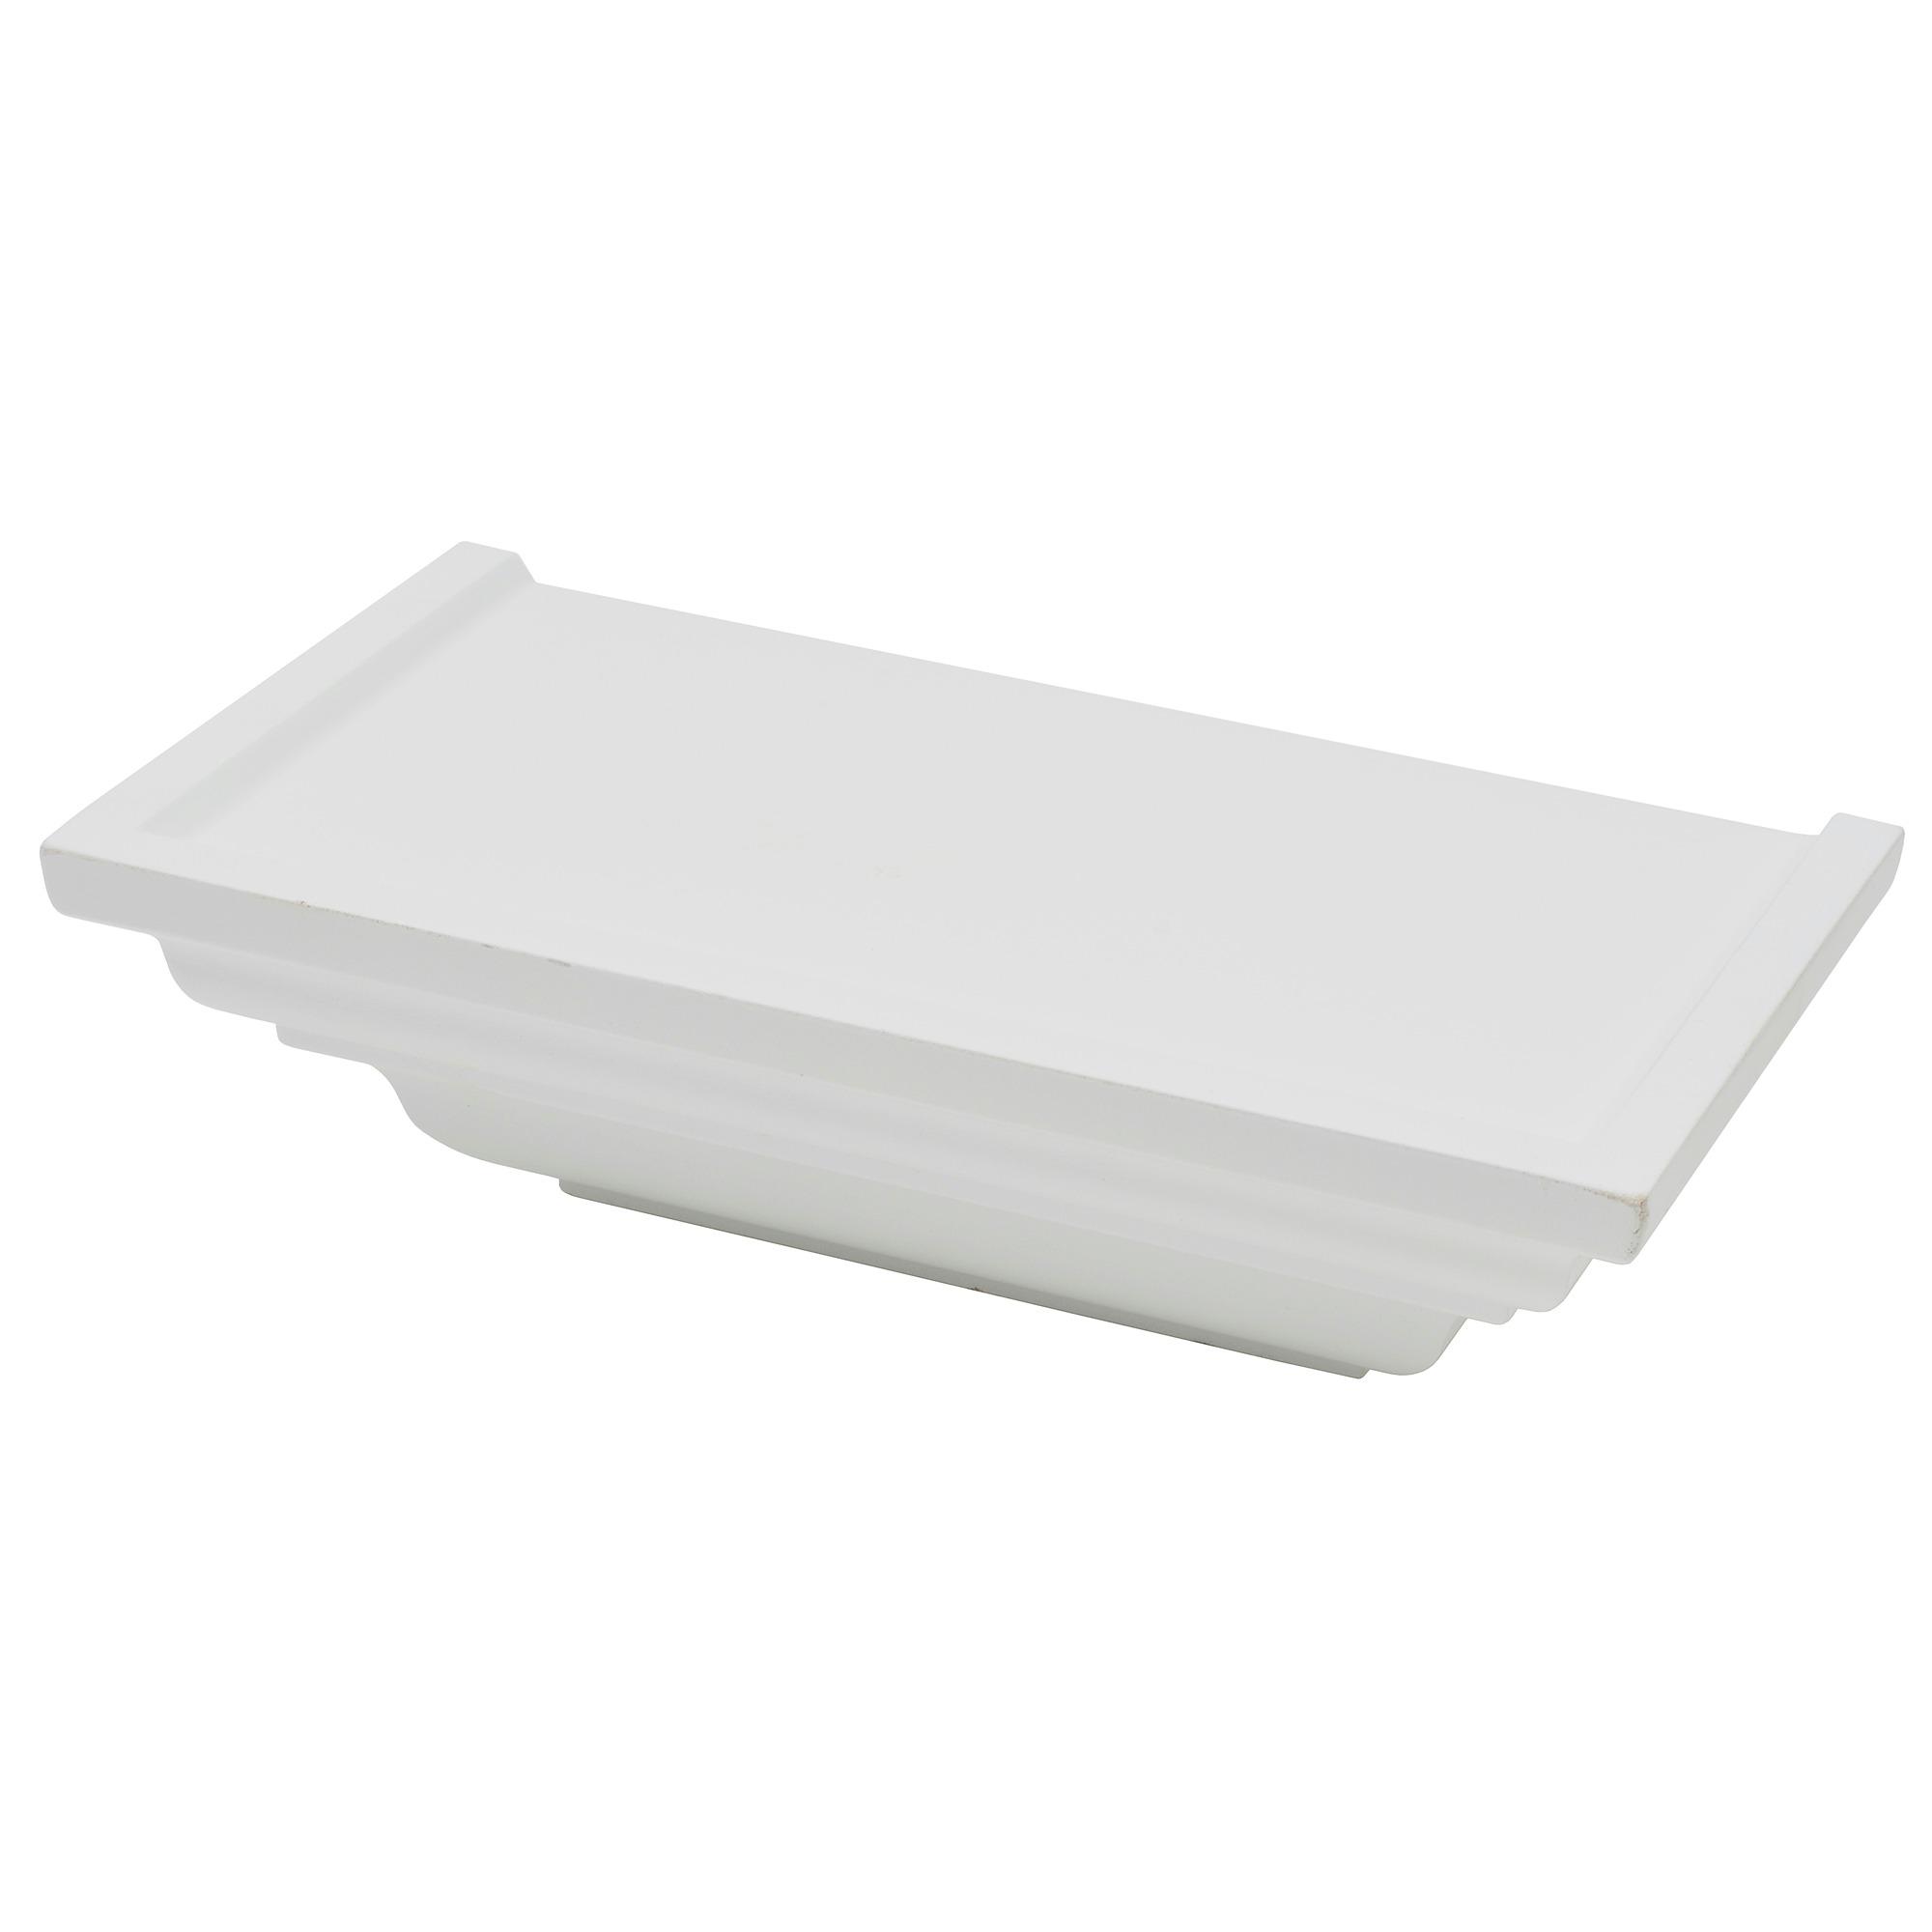 Tablette classique Duraline Ornament 25 cm blanc